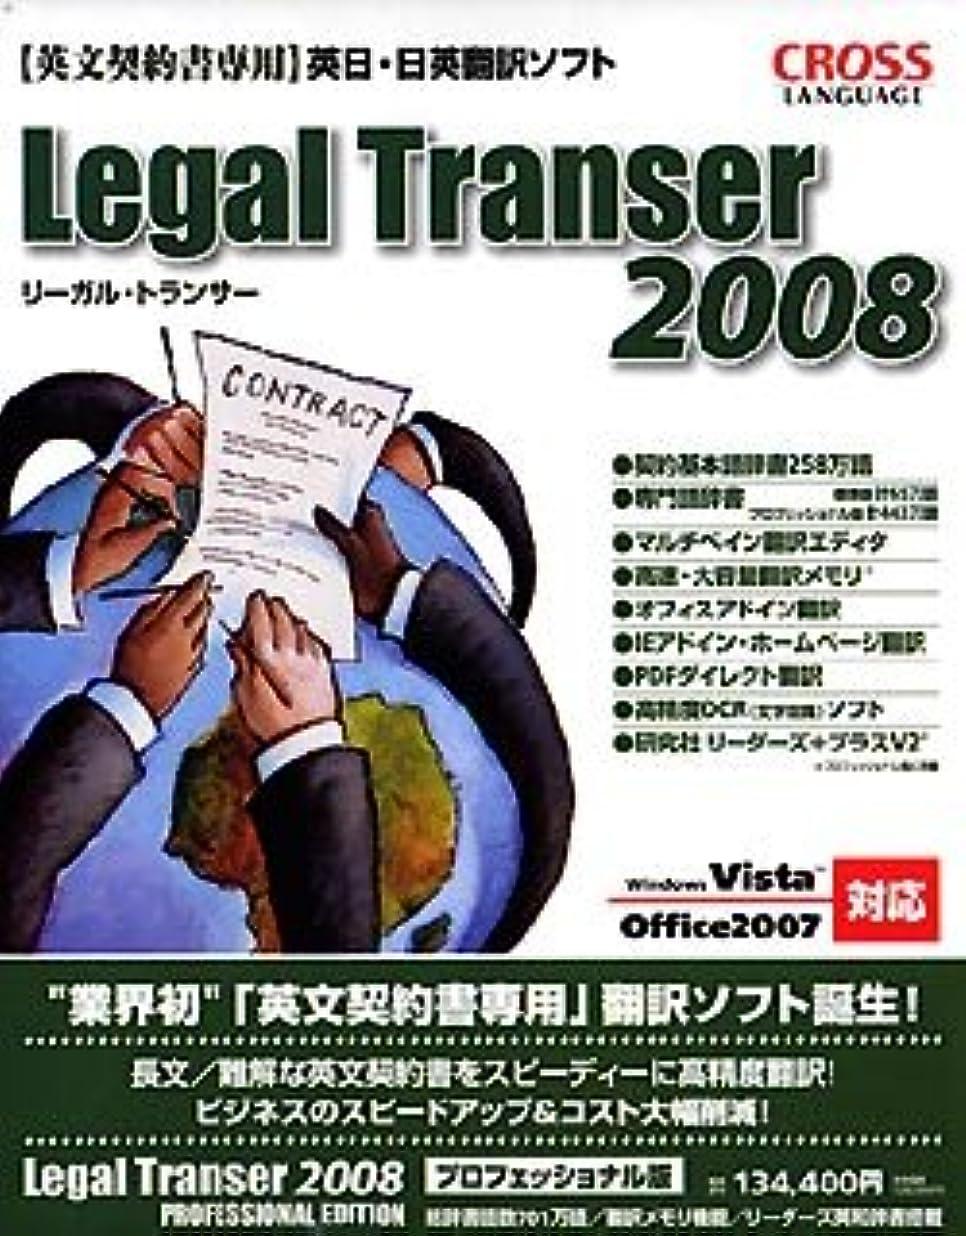 美人ダムコメンテーターLegal Transer 2008 プロフェッショナル